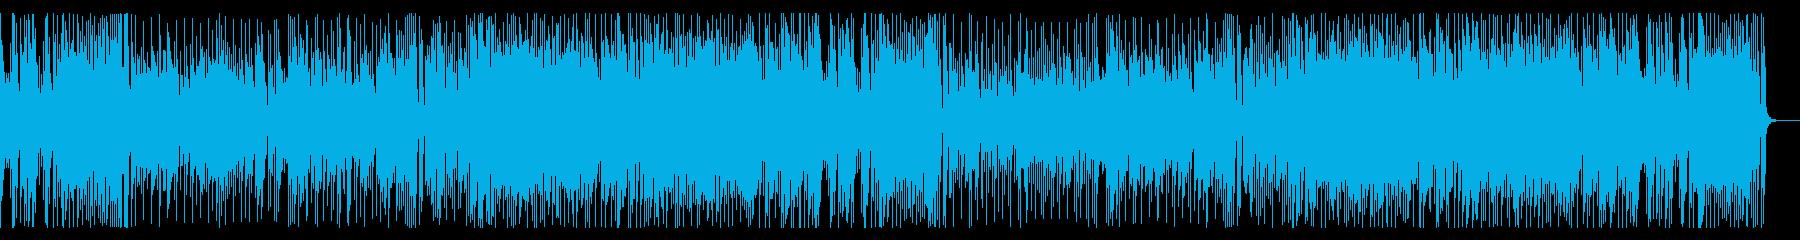 80〜90年代アニメ的中華風BGMの再生済みの波形